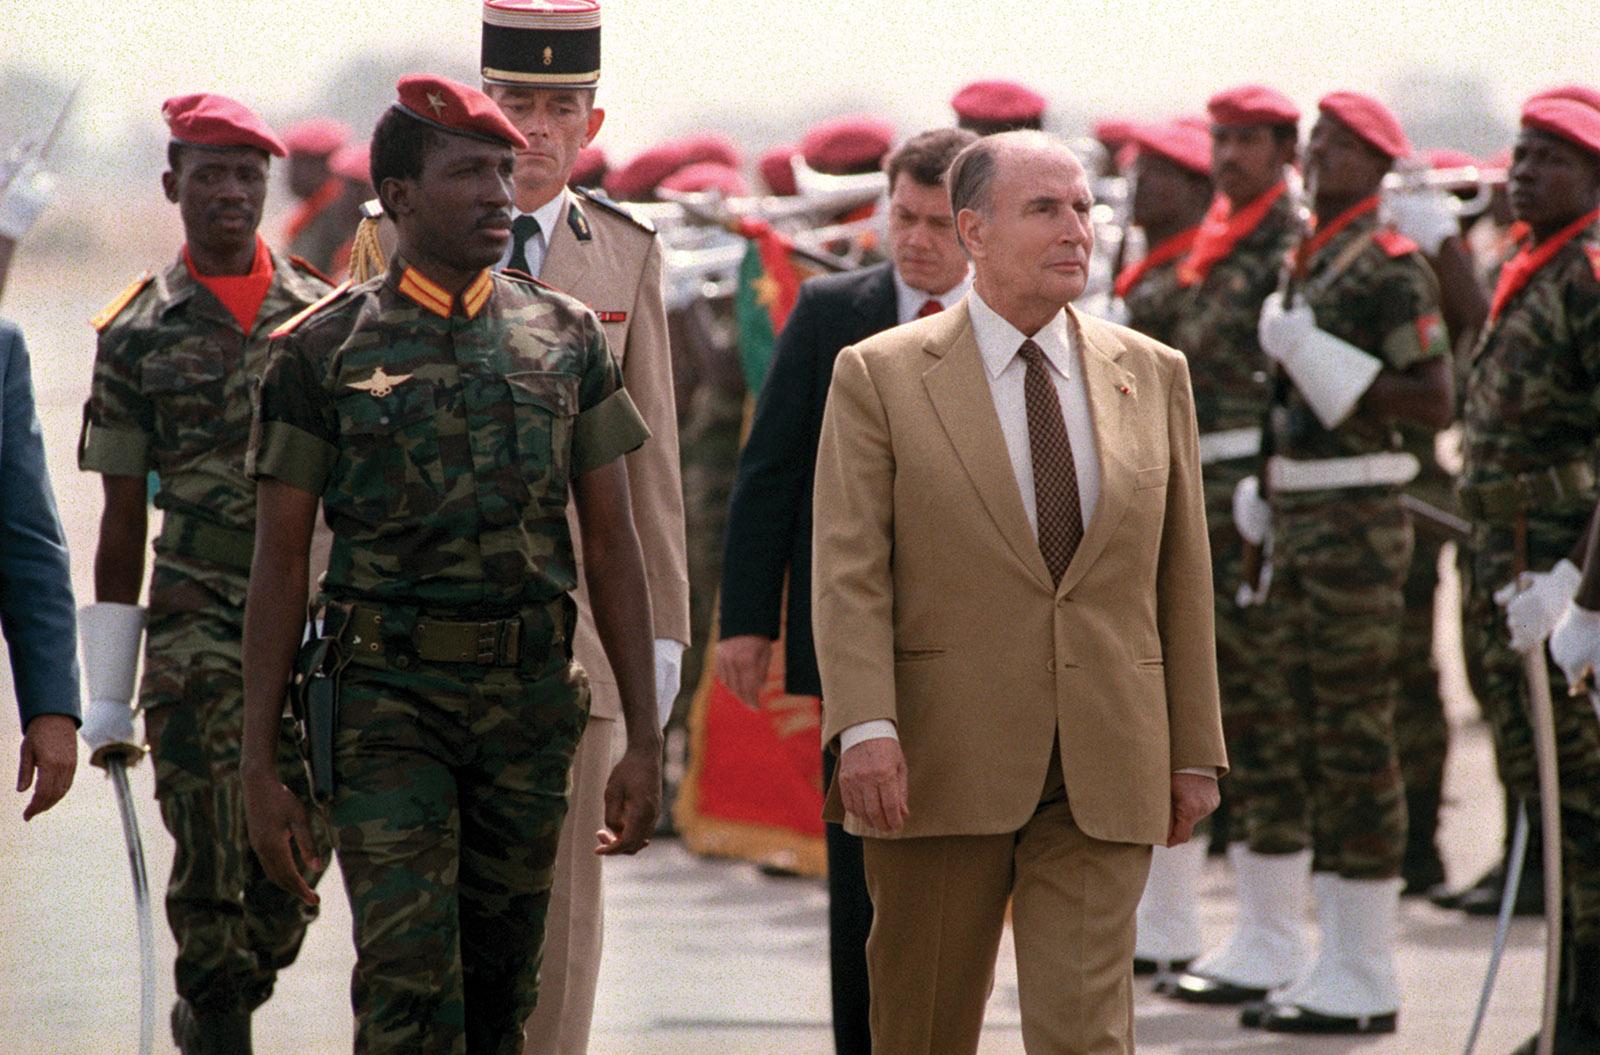 Thomas Sankara and François Mitterrand